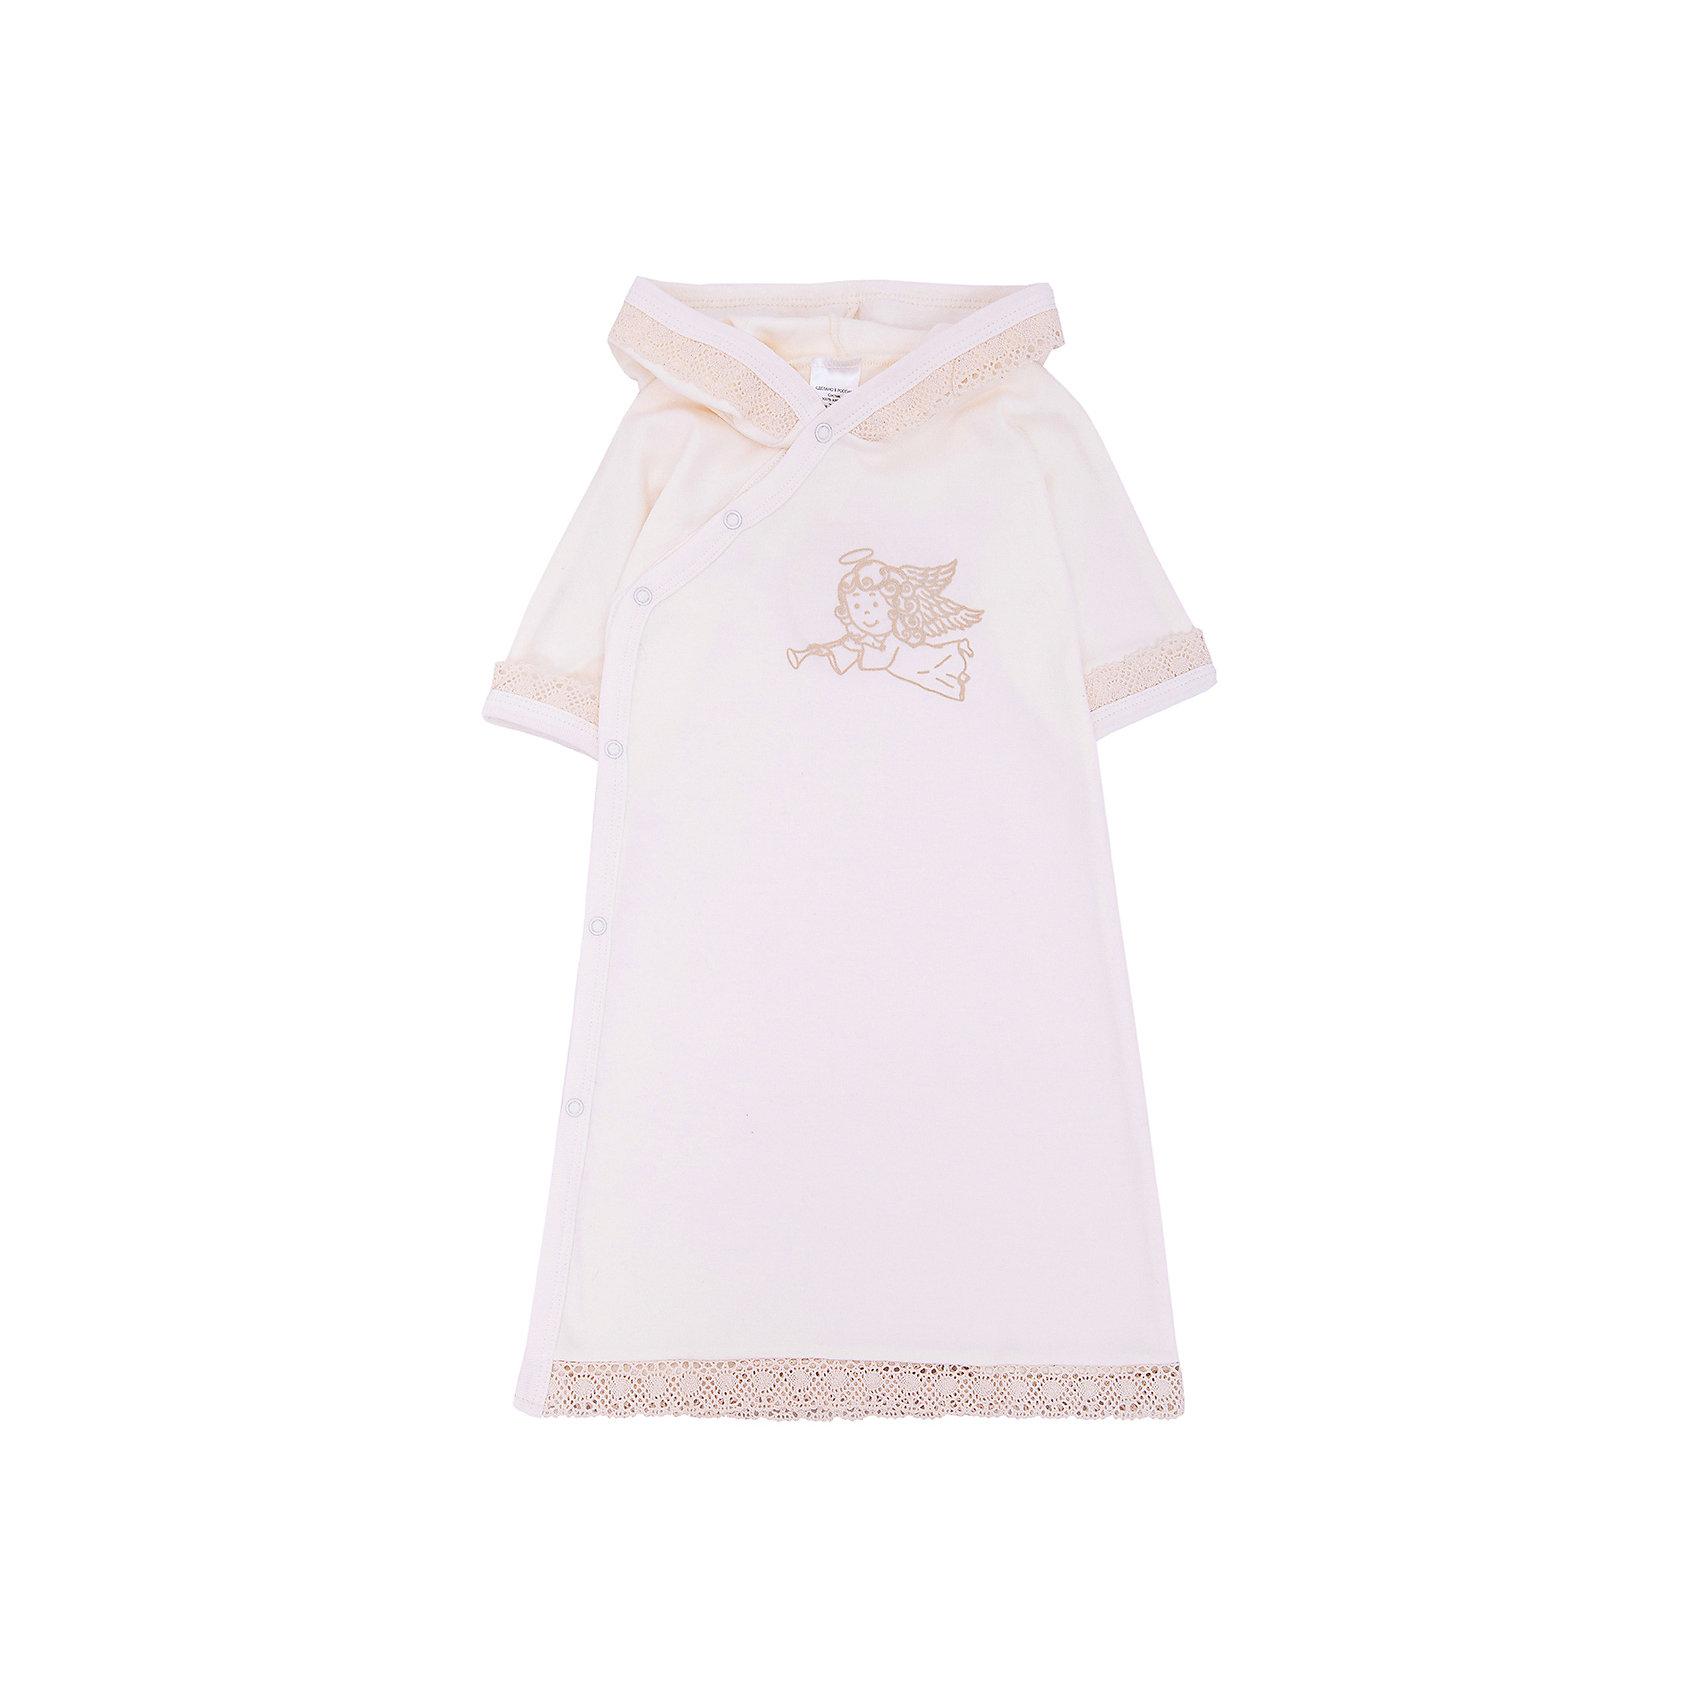 Крестильное платье с капюшоном, тесьма, р-р 74, NewBorn, белыйПлатья<br>Характеристики:<br><br>• Вид детской одежды: платье с капюшоном<br>• Предназначение: для крещения<br>• Коллекция: NewBorn<br>• Сезон: круглый год<br>• Пол: для девочки<br>• Тематика рисунка: ангелы<br>• Размер: 74<br>• Цвет: белый, золотистый<br>• Материал: трикотаж, хлопок<br>• Длина рукава: короткие<br>• Запах: спереди<br>• Застежка: спереди на кнопке<br>• Наличие капюшона<br>• Декорировано широкой тесьмой из шитья <br>• Передняя полочка украшена термонаклейкой в виде ангела<br>• Особенности ухода: допускается деликатная стирка без использования красящих и отбеливающих средств<br><br>Крестильное платье с капюшоном, тесьма, р-р 74, NewBorn, белый из коллекции NewBorn от отечественного швейного производства ТексПром предназначено для создания праздничного образа девочки во время торжественного обряда крещения. Платье представлено в коллекции NewBorn, которая сочетает в себе классические и современные тенденции в мире моды для новорожденных, при этом при технологии изготовления детской одежды сохраняются самые лучшие традиции: свободный крой, внешние швы и натуральные ткани. Платье с короткими рукавами и капюшоном выполнено из трикотажа, все края обработаны трикотажной бейкой золотистого цвета. Изделие имеет передний запах с застежками на кнопках, что обеспечивает его легкое одевание. Праздничный образ создается за счет отделки рукавов, капюшона и низа платья широким кружевом золотистого цвета и термонаклейки на передней полочке в виде ангела. <br><br>Крестильное платье с капюшоном, тесьма, р-р 74, NewBorn, белый можно купить в нашем интернет-магазине.<br><br>Ширина мм: 220<br>Глубина мм: 5<br>Высота мм: 400<br>Вес г: 200<br>Возраст от месяцев: 6<br>Возраст до месяцев: 9<br>Пол: Женский<br>Возраст: Детский<br>SKU: 4912517